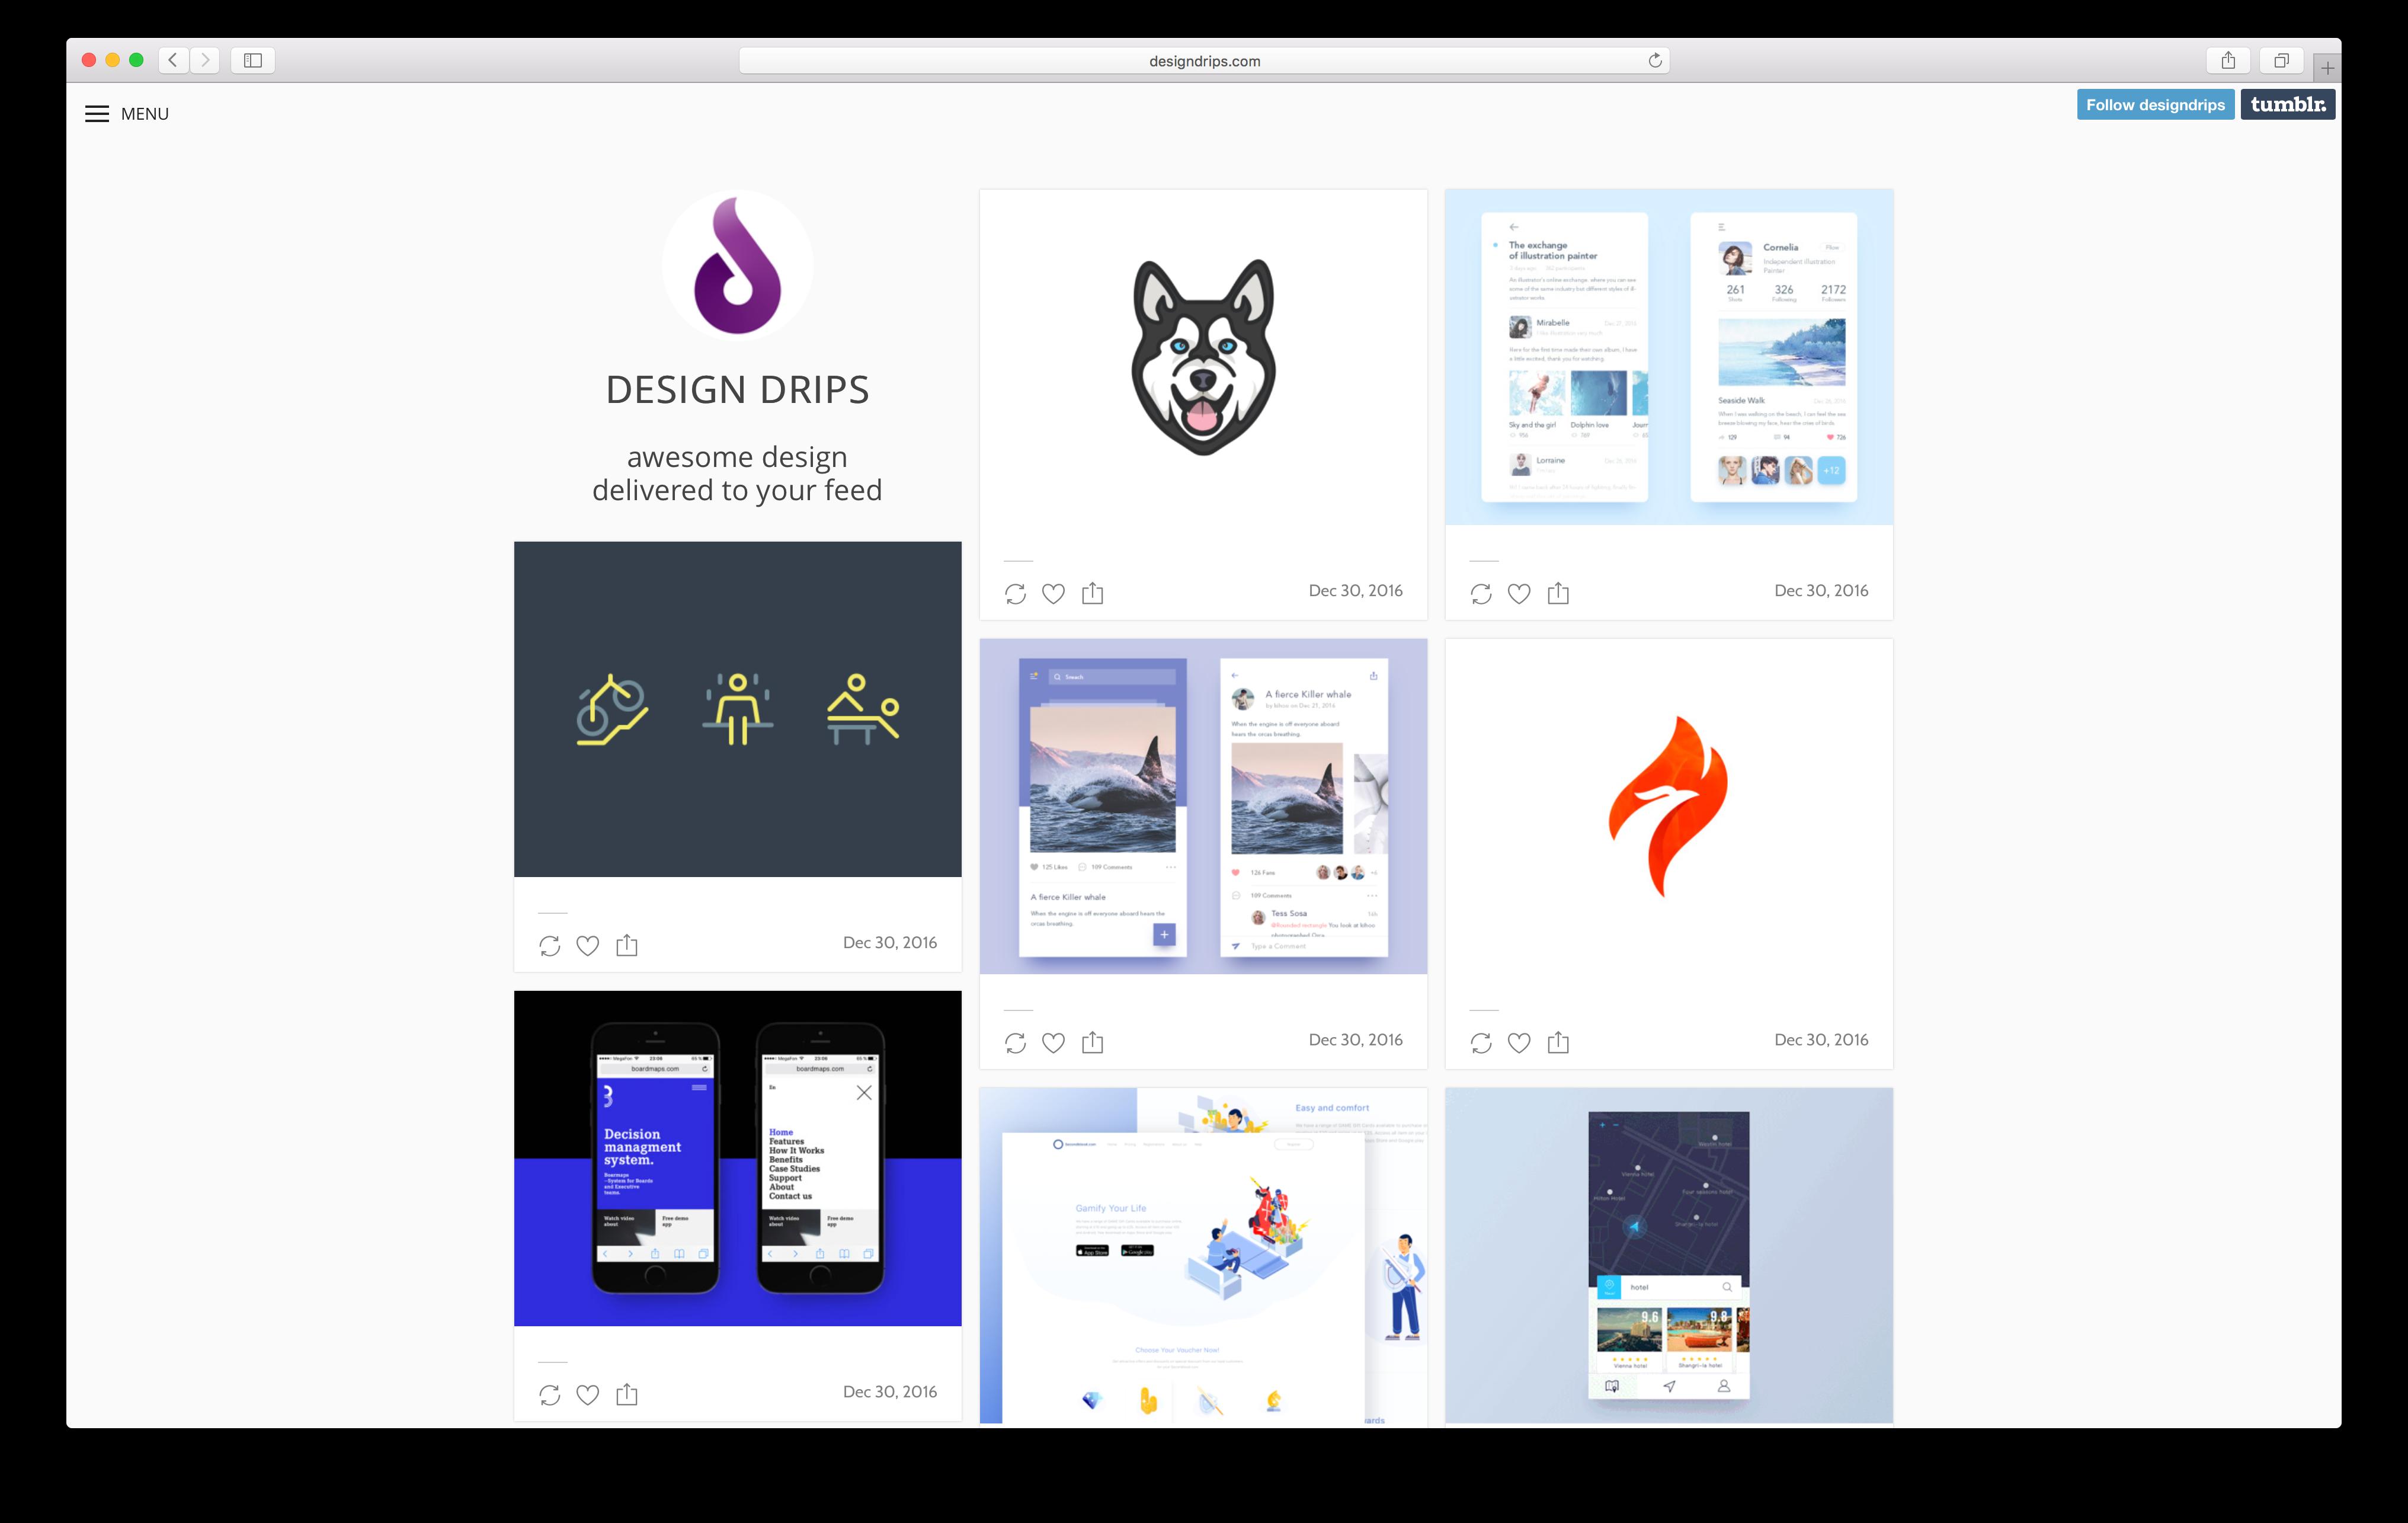 designdrips.com